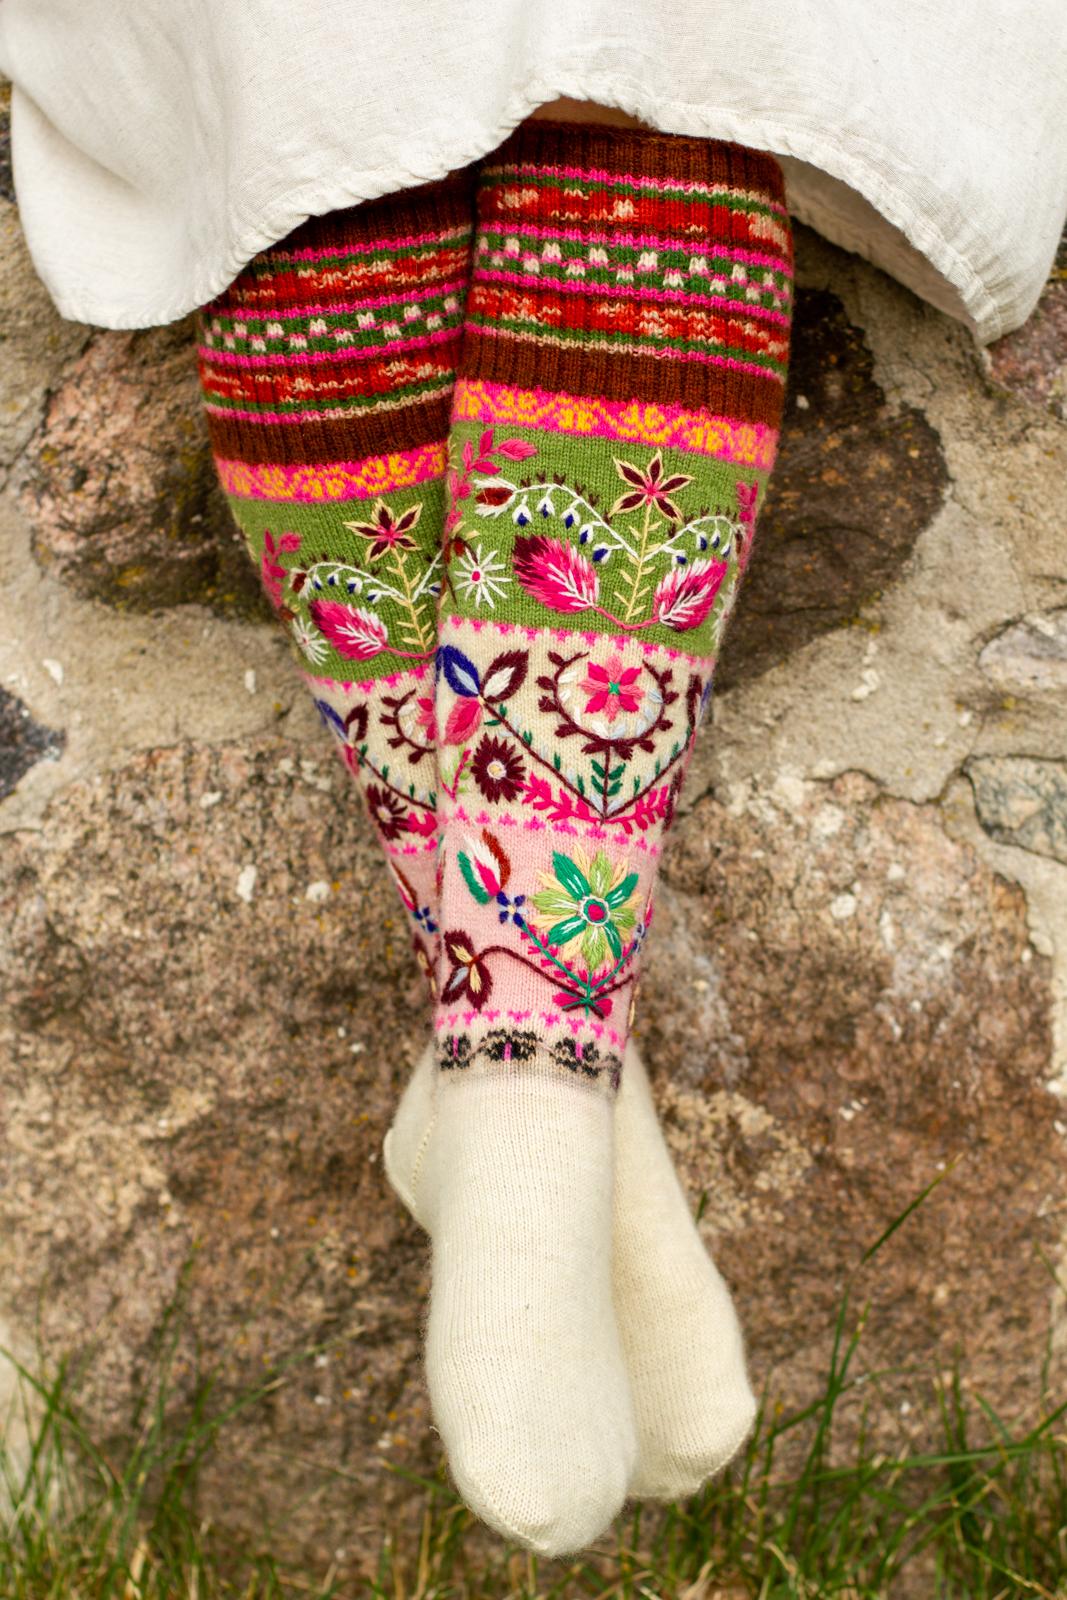 Roositud sukad kudus ja tikkis Anneli Tender. Foto: Anneli Tender